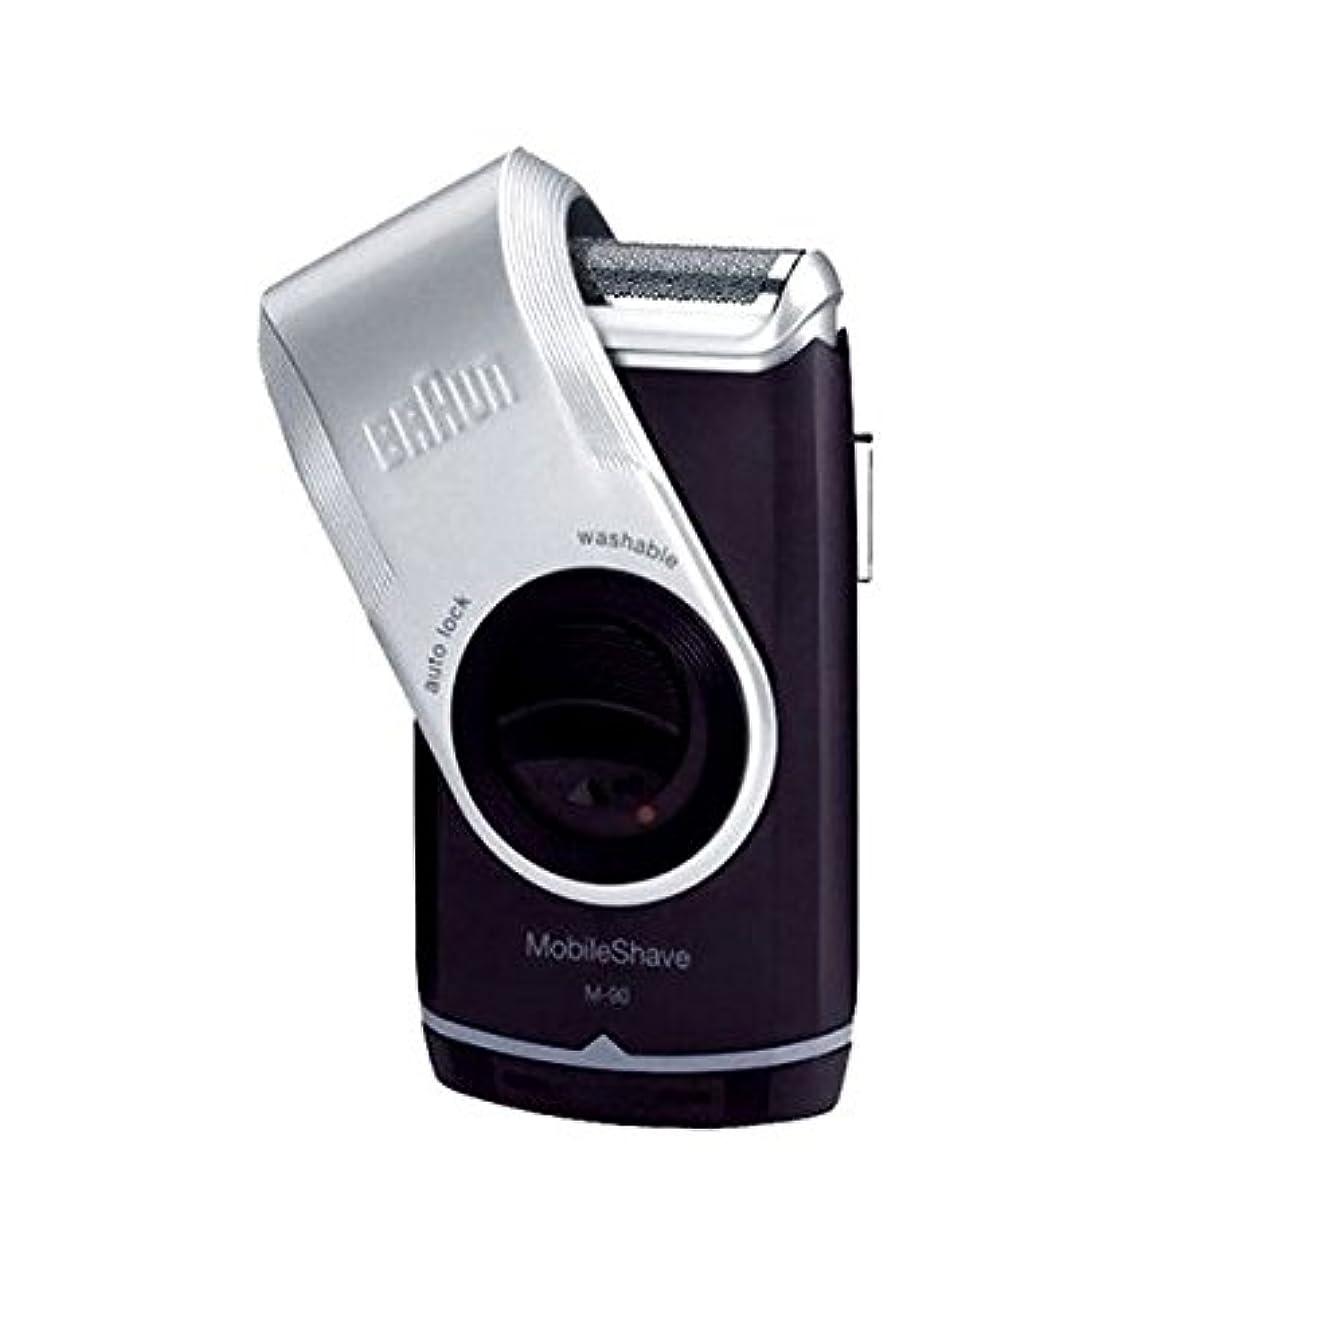 アメリカスピーチ地下室BRAUN ブラウン 乾電池式 携帯用メンズシェーバー Mobile Shave M-90